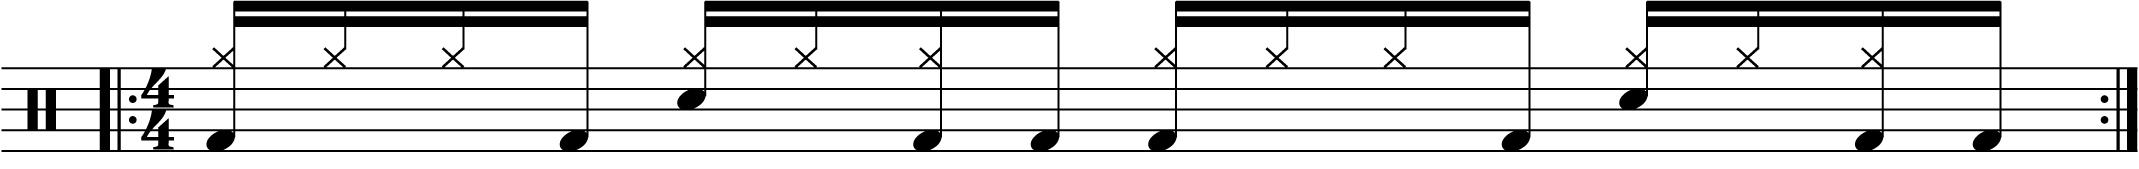 Örn.2